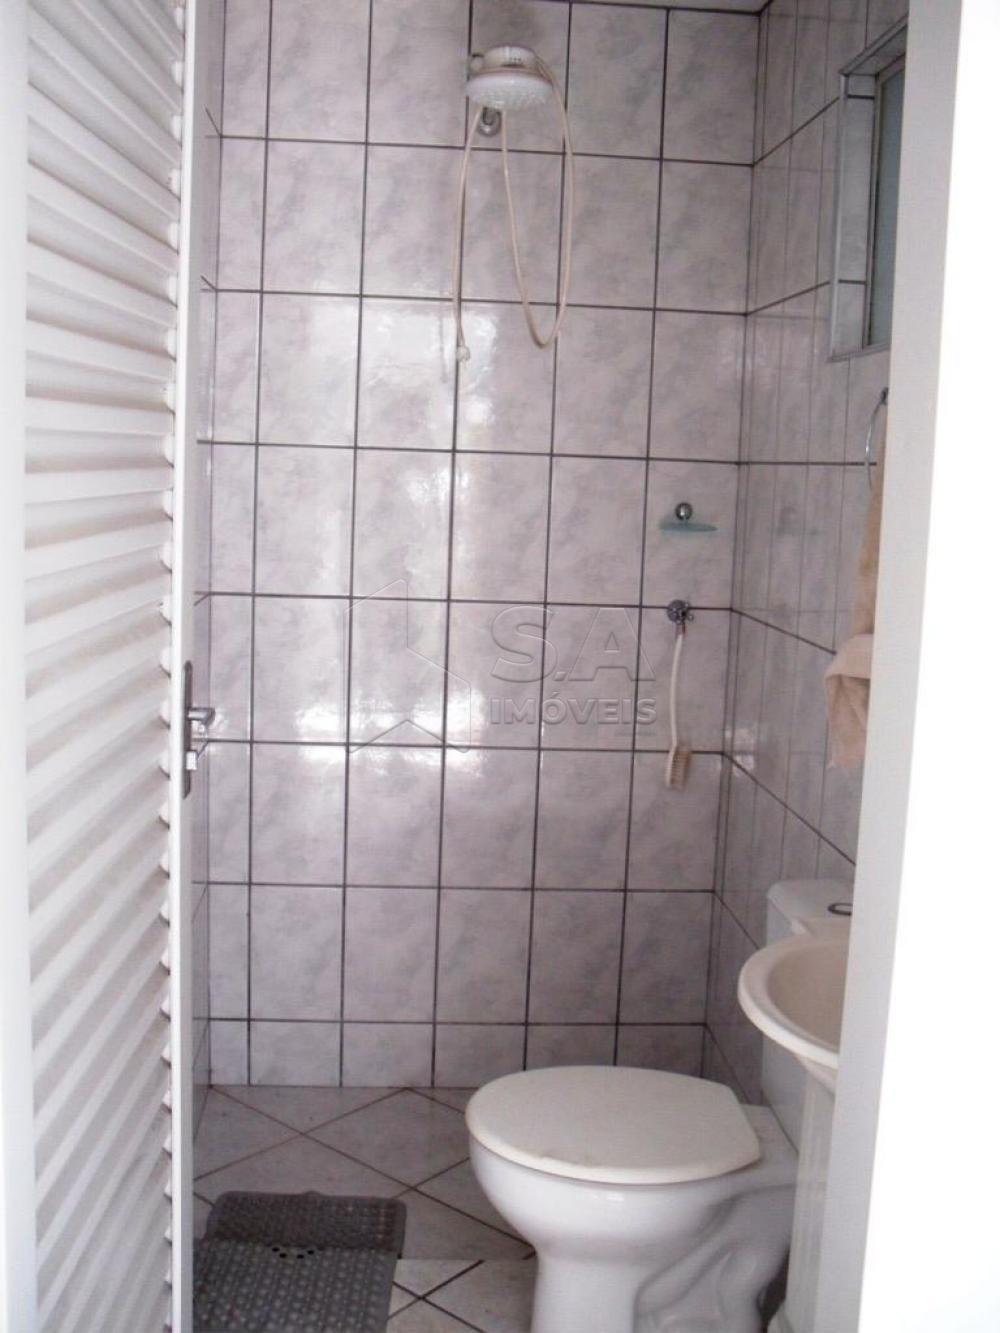 Comprar Casa / Padrão em Botucatu apenas R$ 460.000,00 - Foto 22